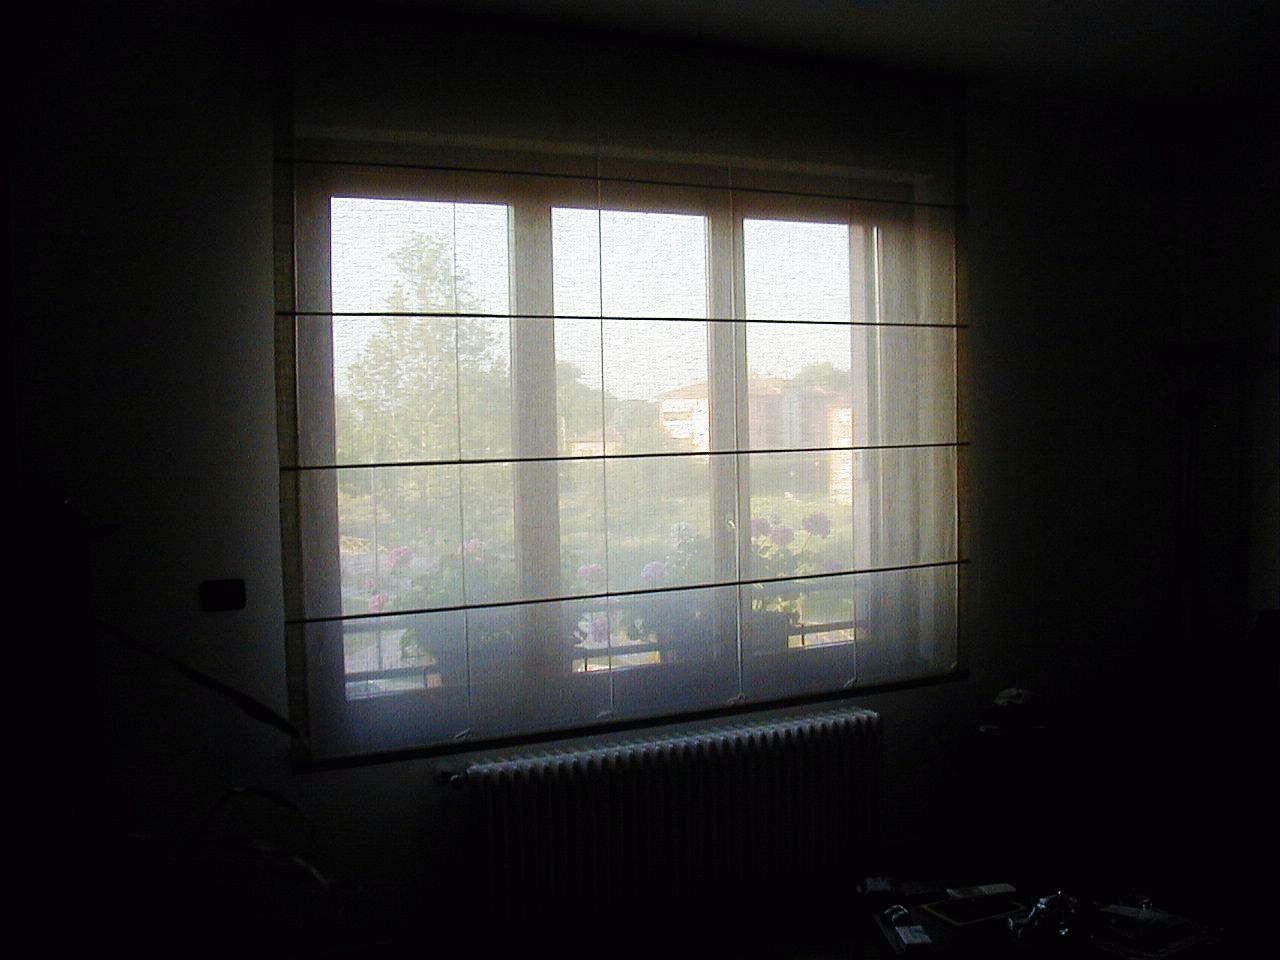 vista di una finestra